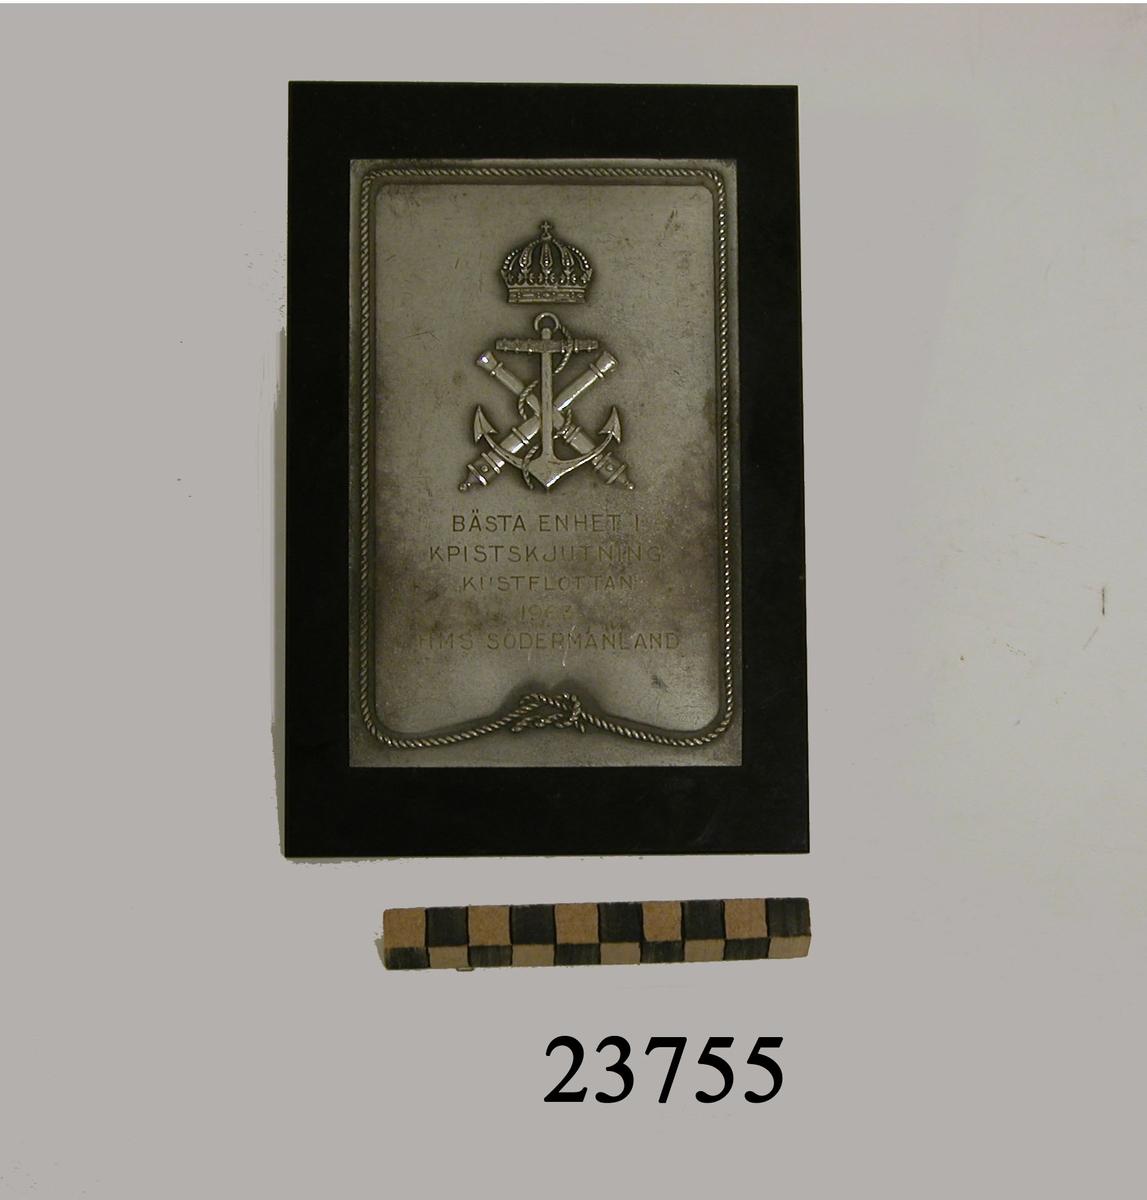 Rektangulär plakett av vit metall fäst på platta av bakelit. Längs sköldens kant en tross i relief. I övre delen på plaketten två korslagda eldrör och stockankare, krönt av kunglig krona. Där under ingraverad text : BÄSTA ENHET I KPISTSKJUTNING KUSTFLOTTAN 1963 H M S SÖDERMANLAND.